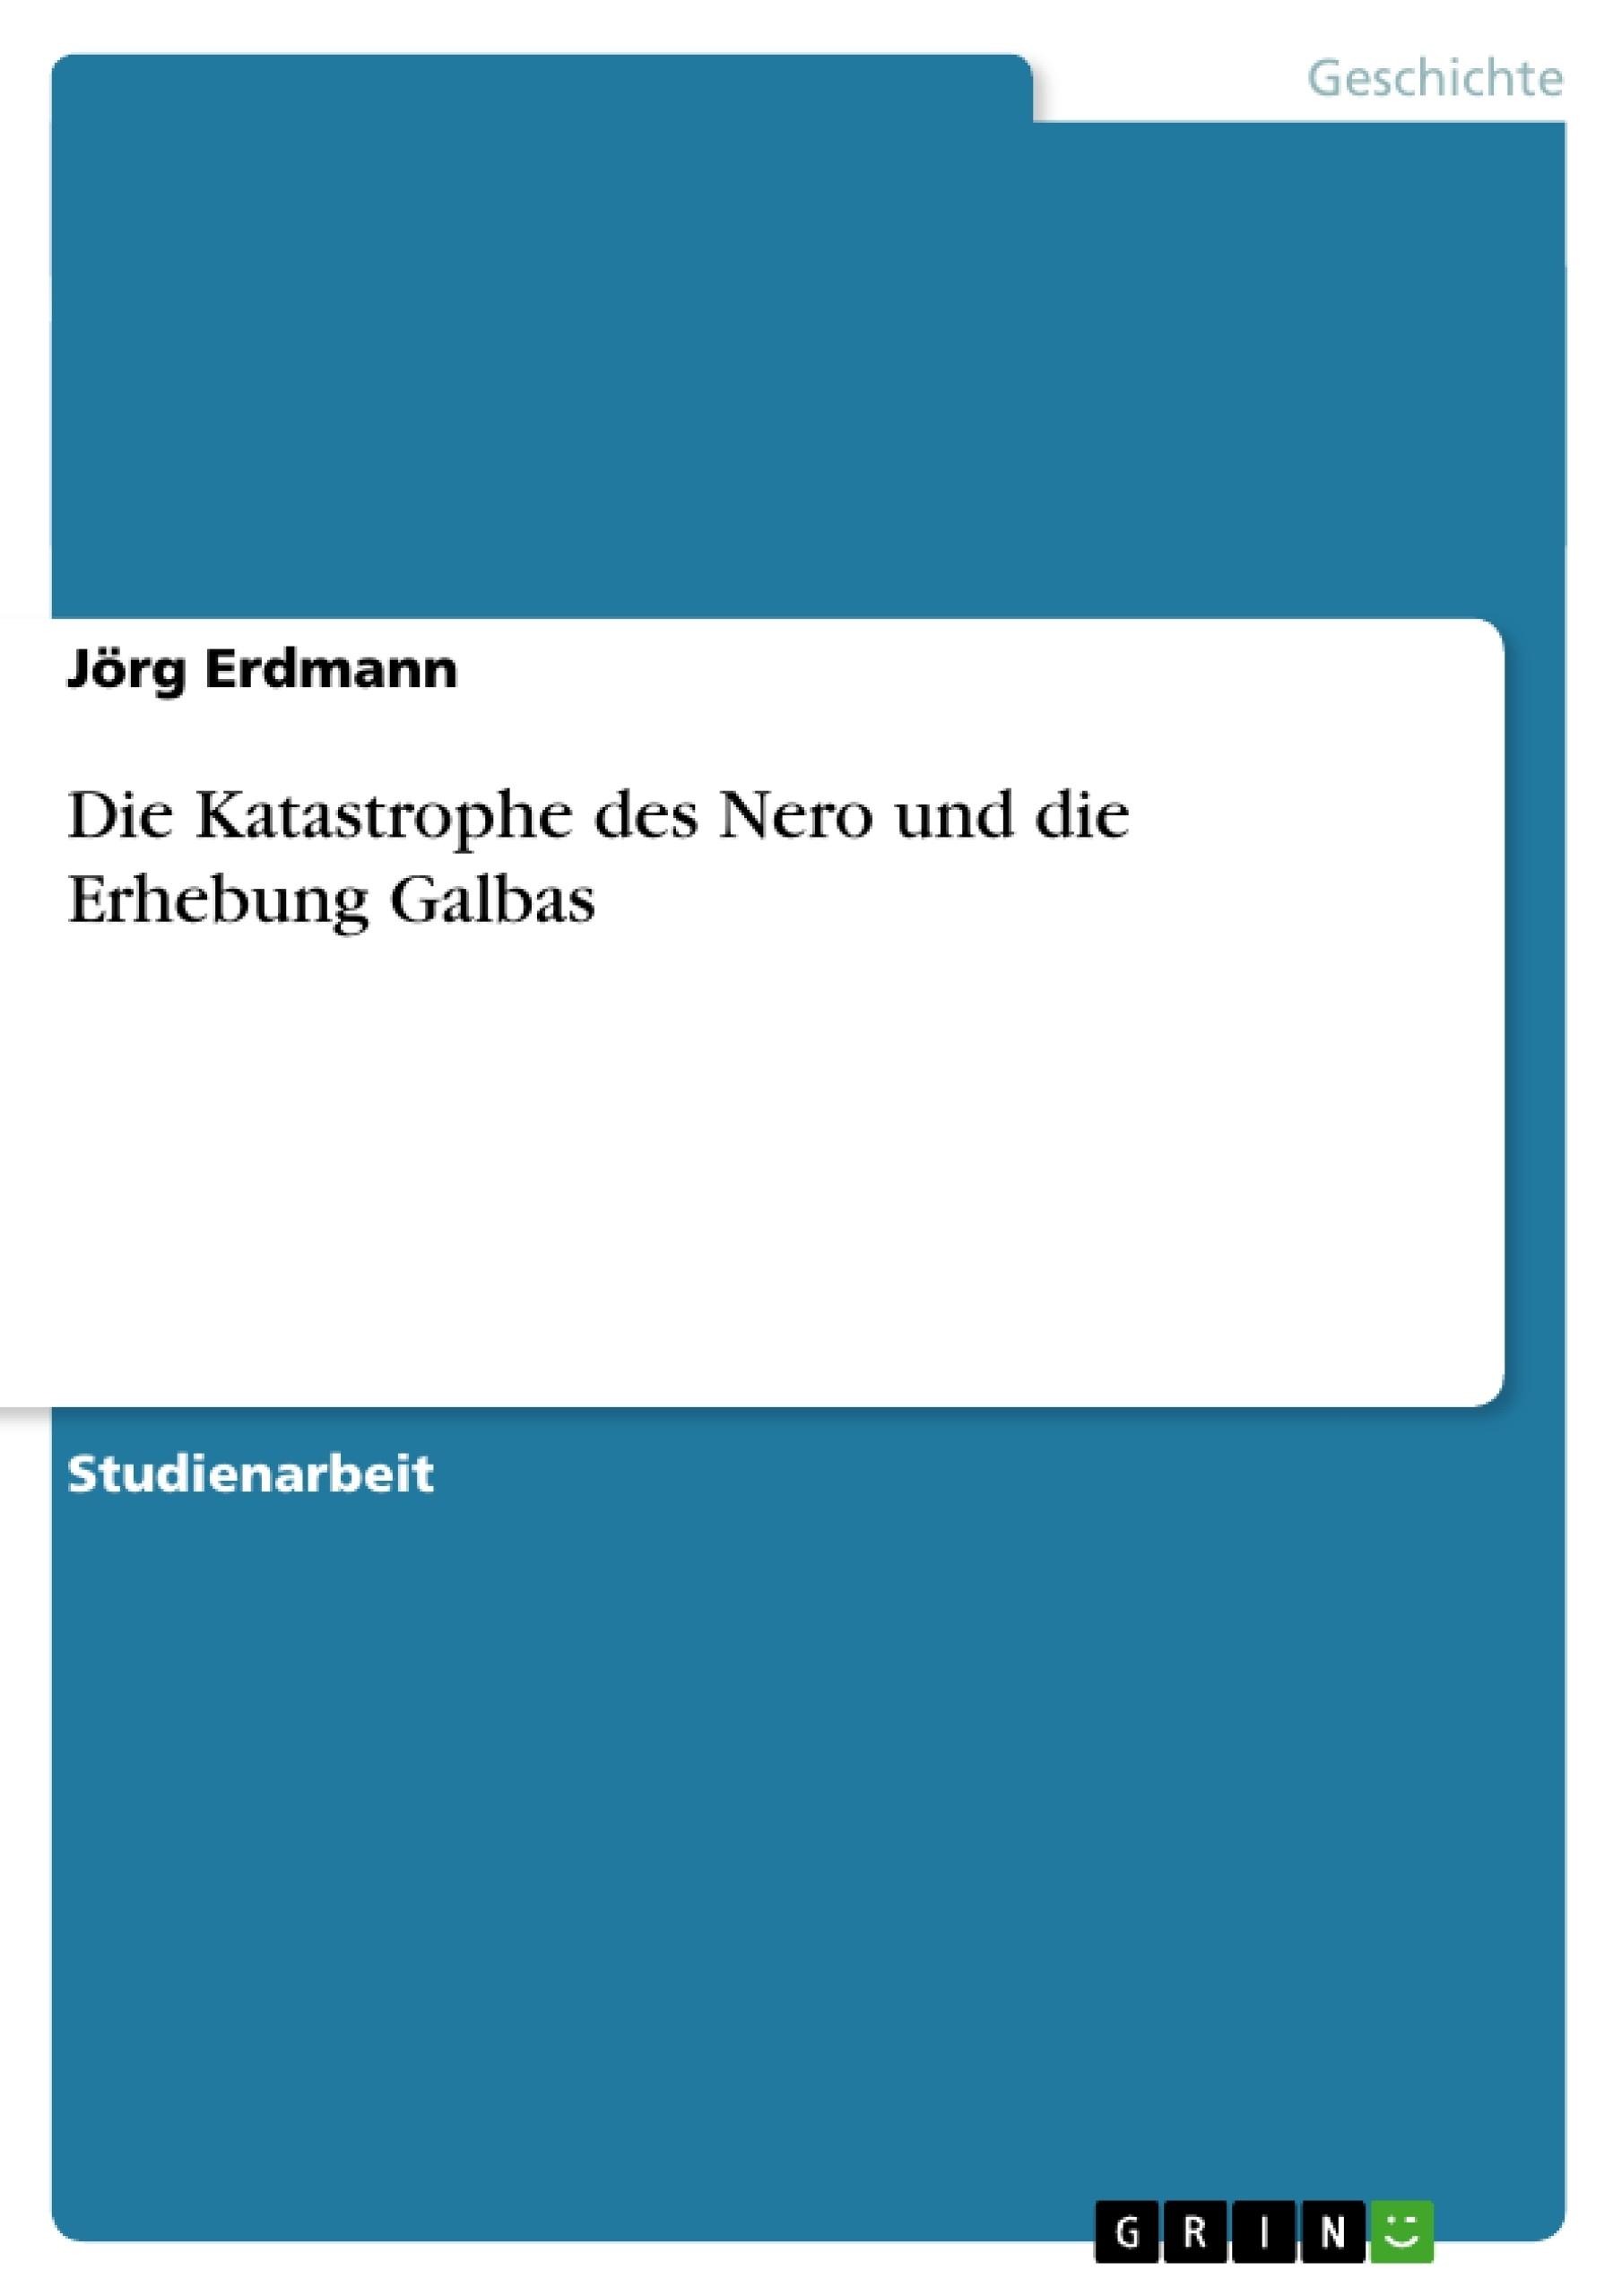 Titel: Die Katastrophe des Nero und die Erhebung Galbas